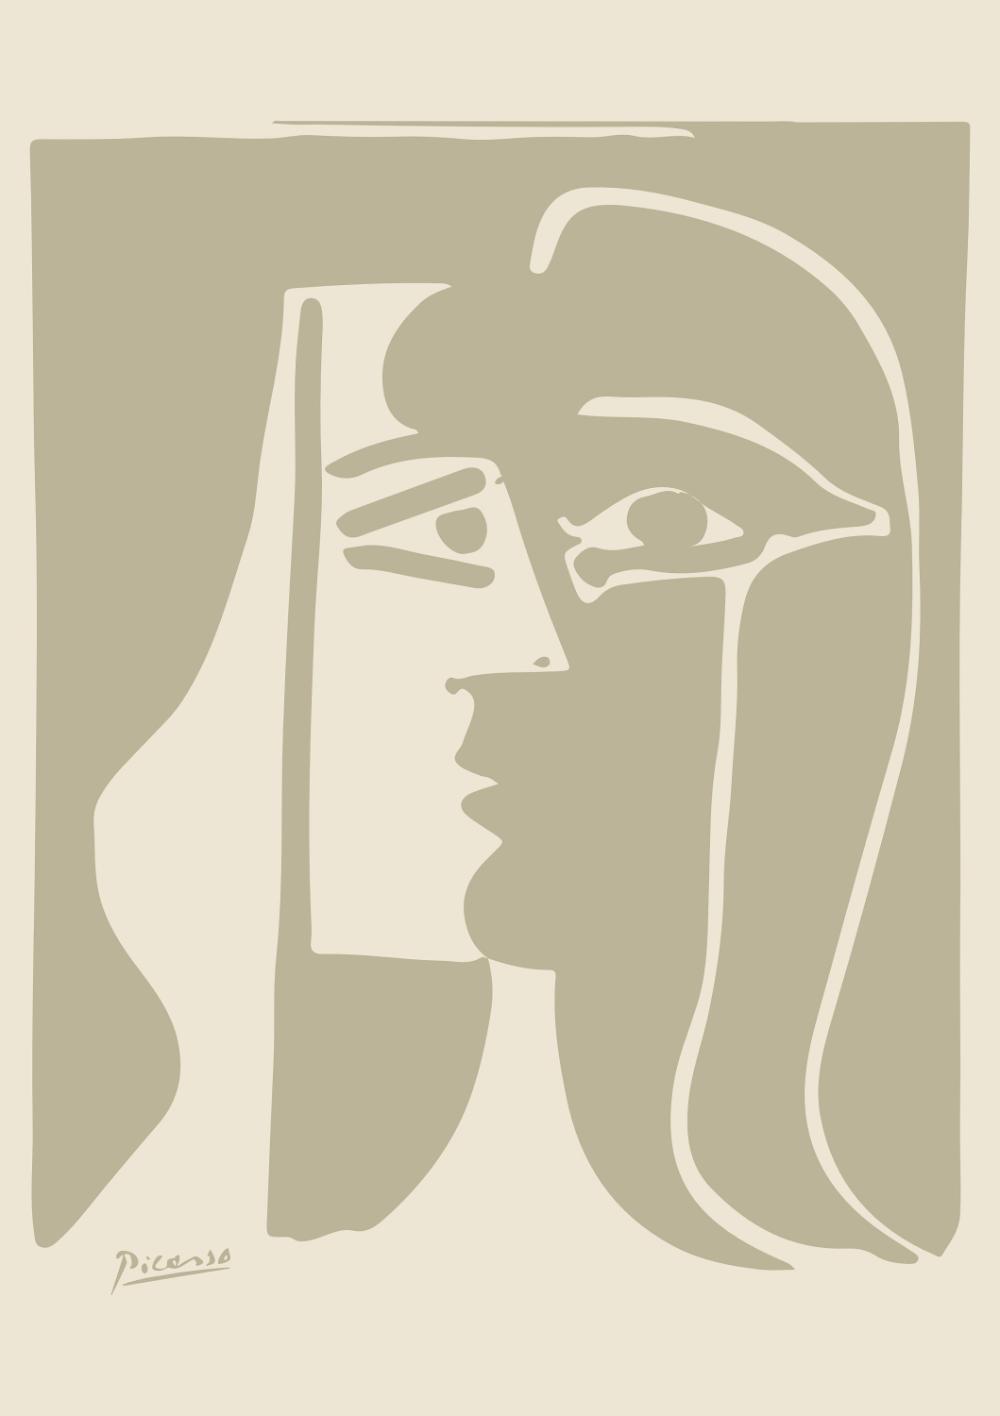 Pin Af Interior Delux Pa Prints And Posters Billeder Plakater Fantastiske